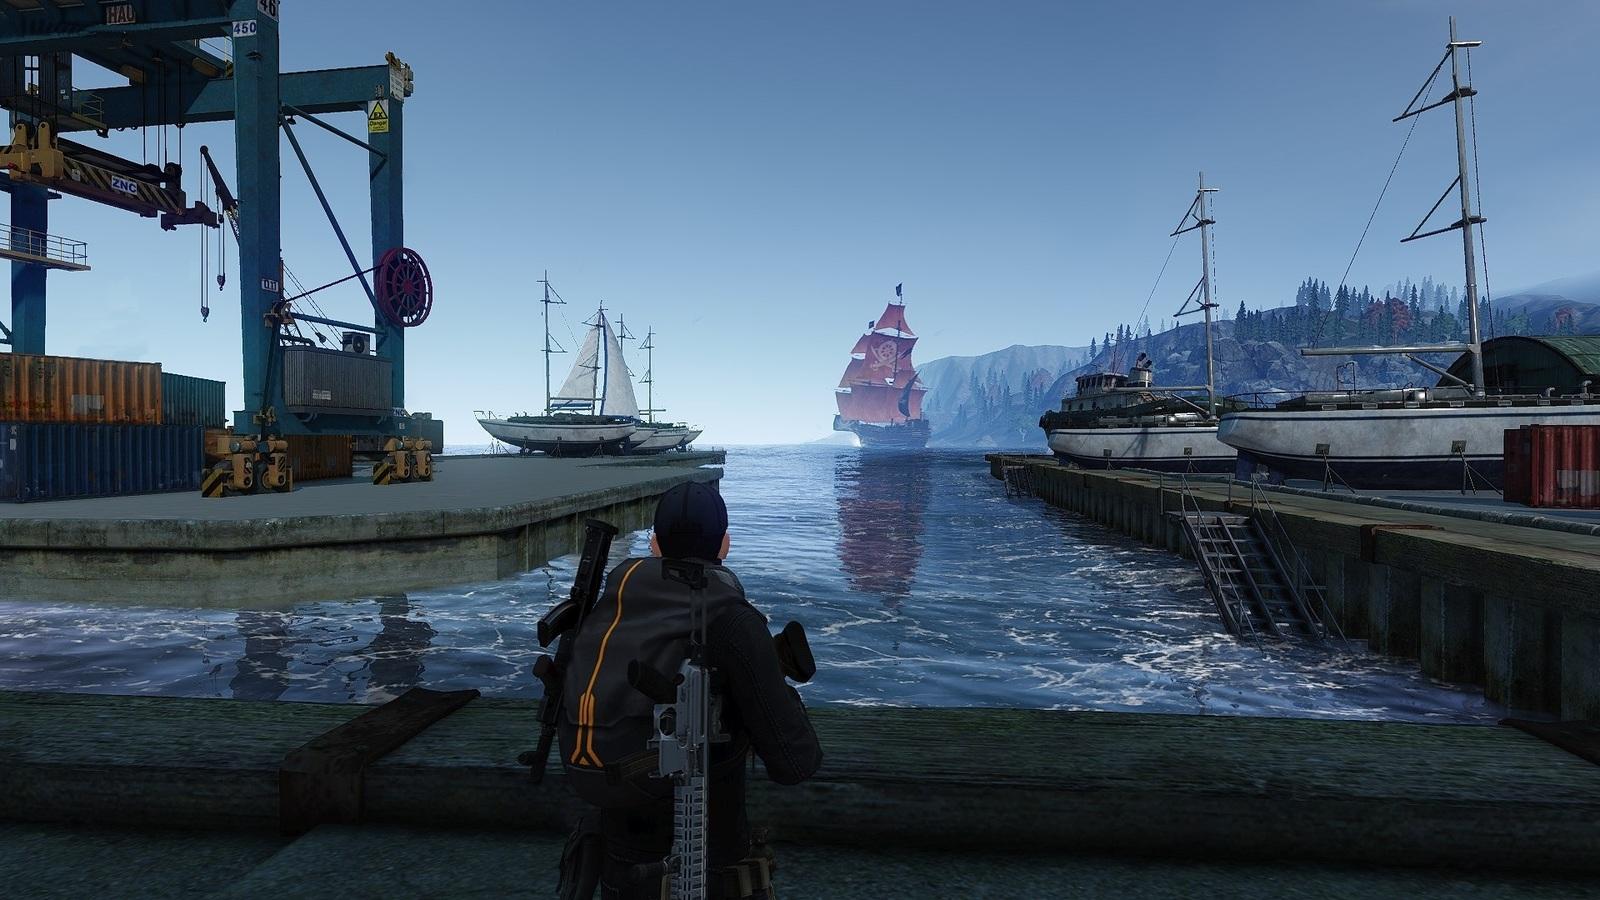 Départ boat